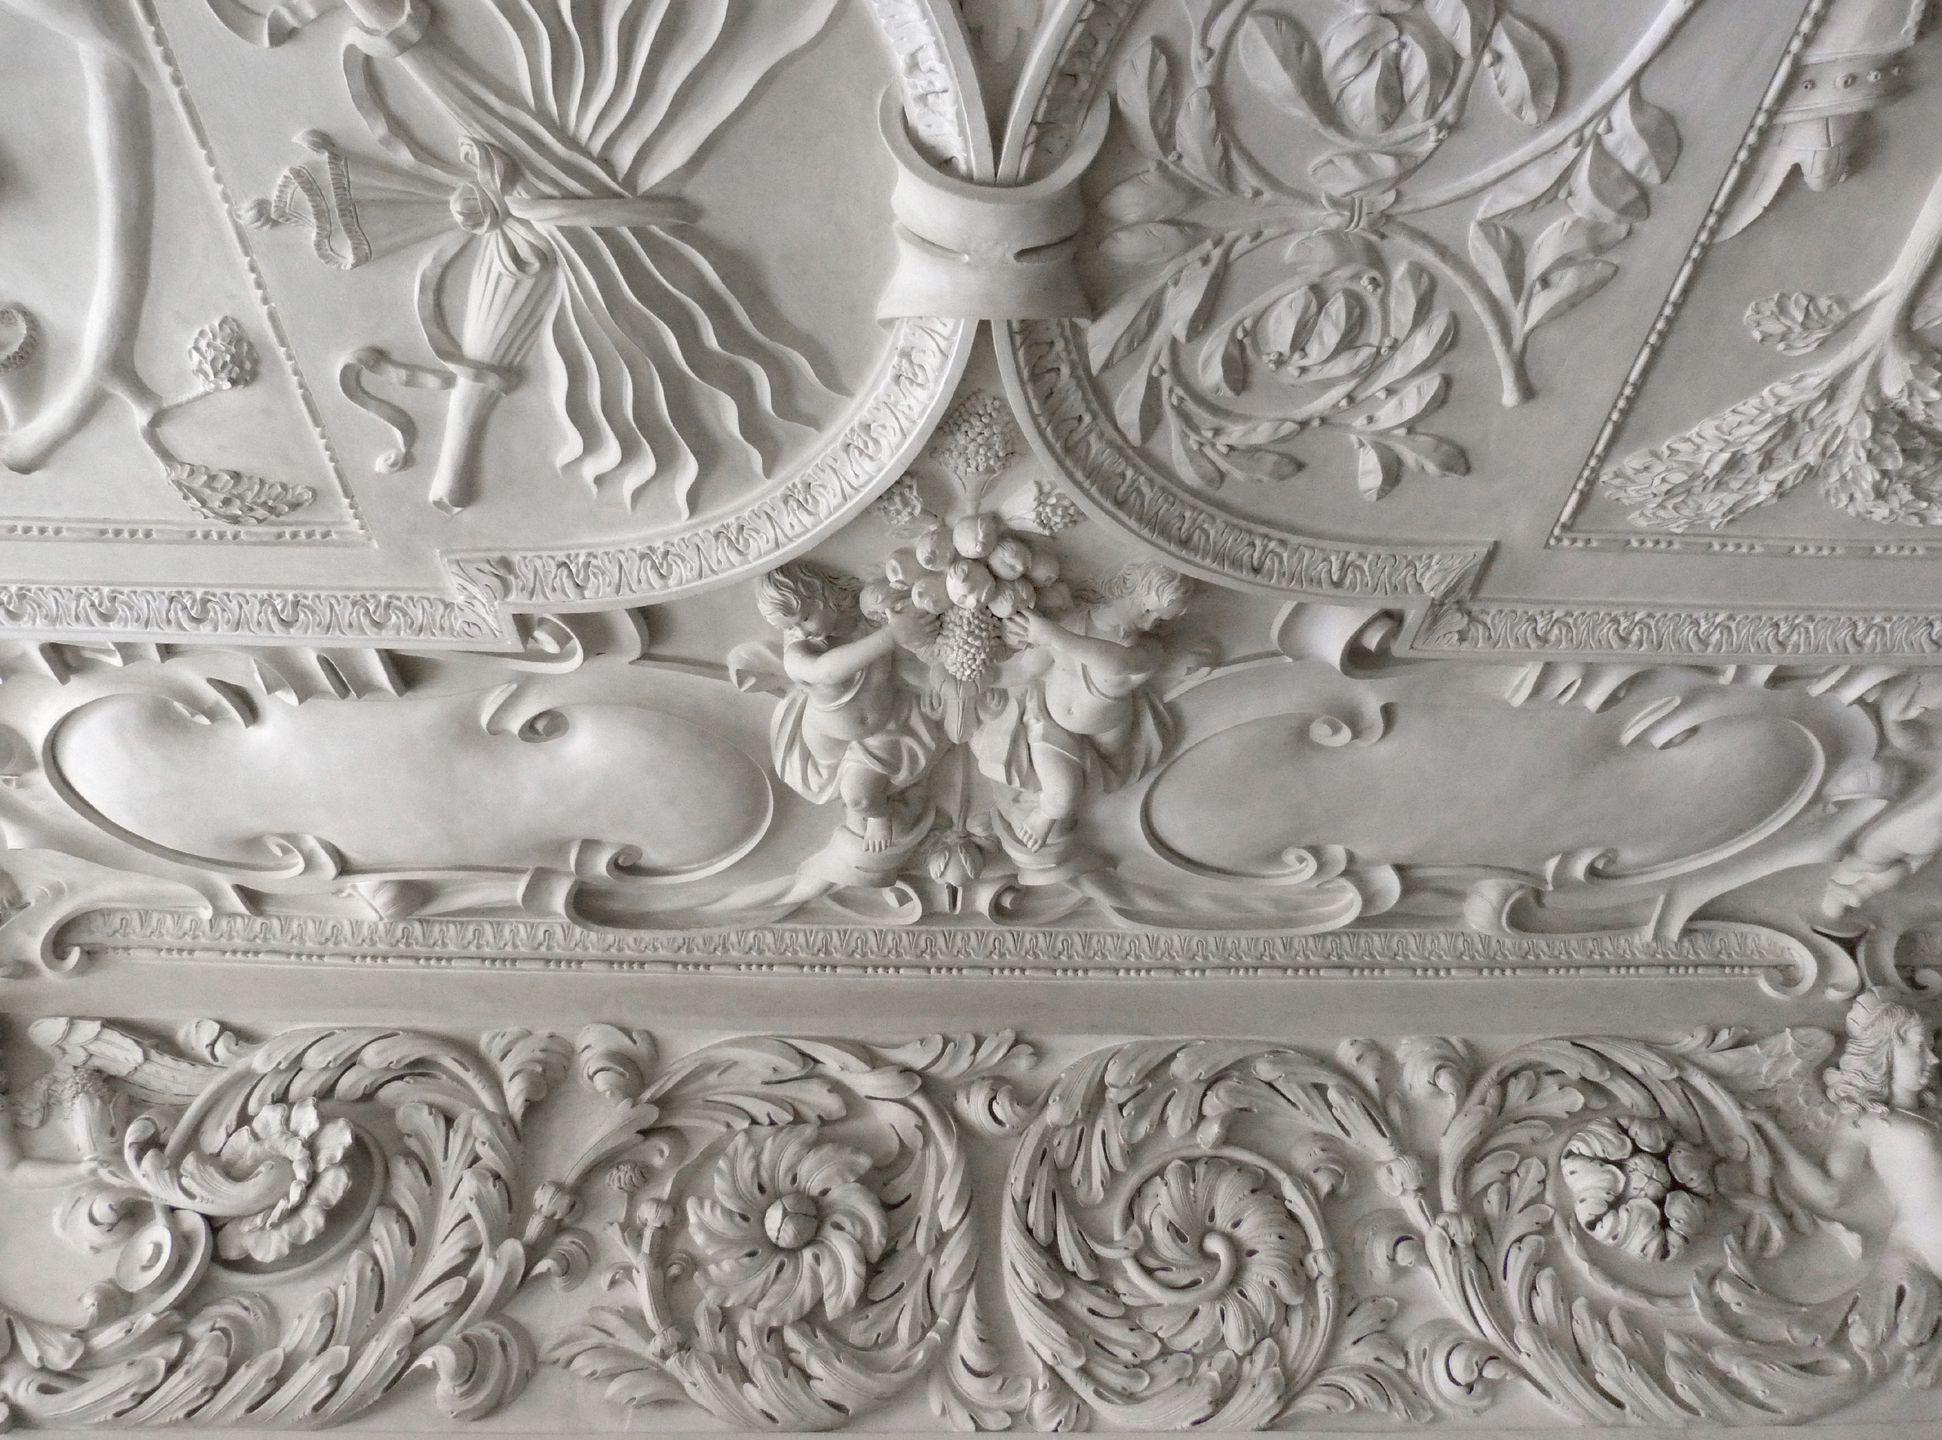 Stuckdecke im Fembohaus Mittlerer südlicher Akanthusfries mit Deckenpartie